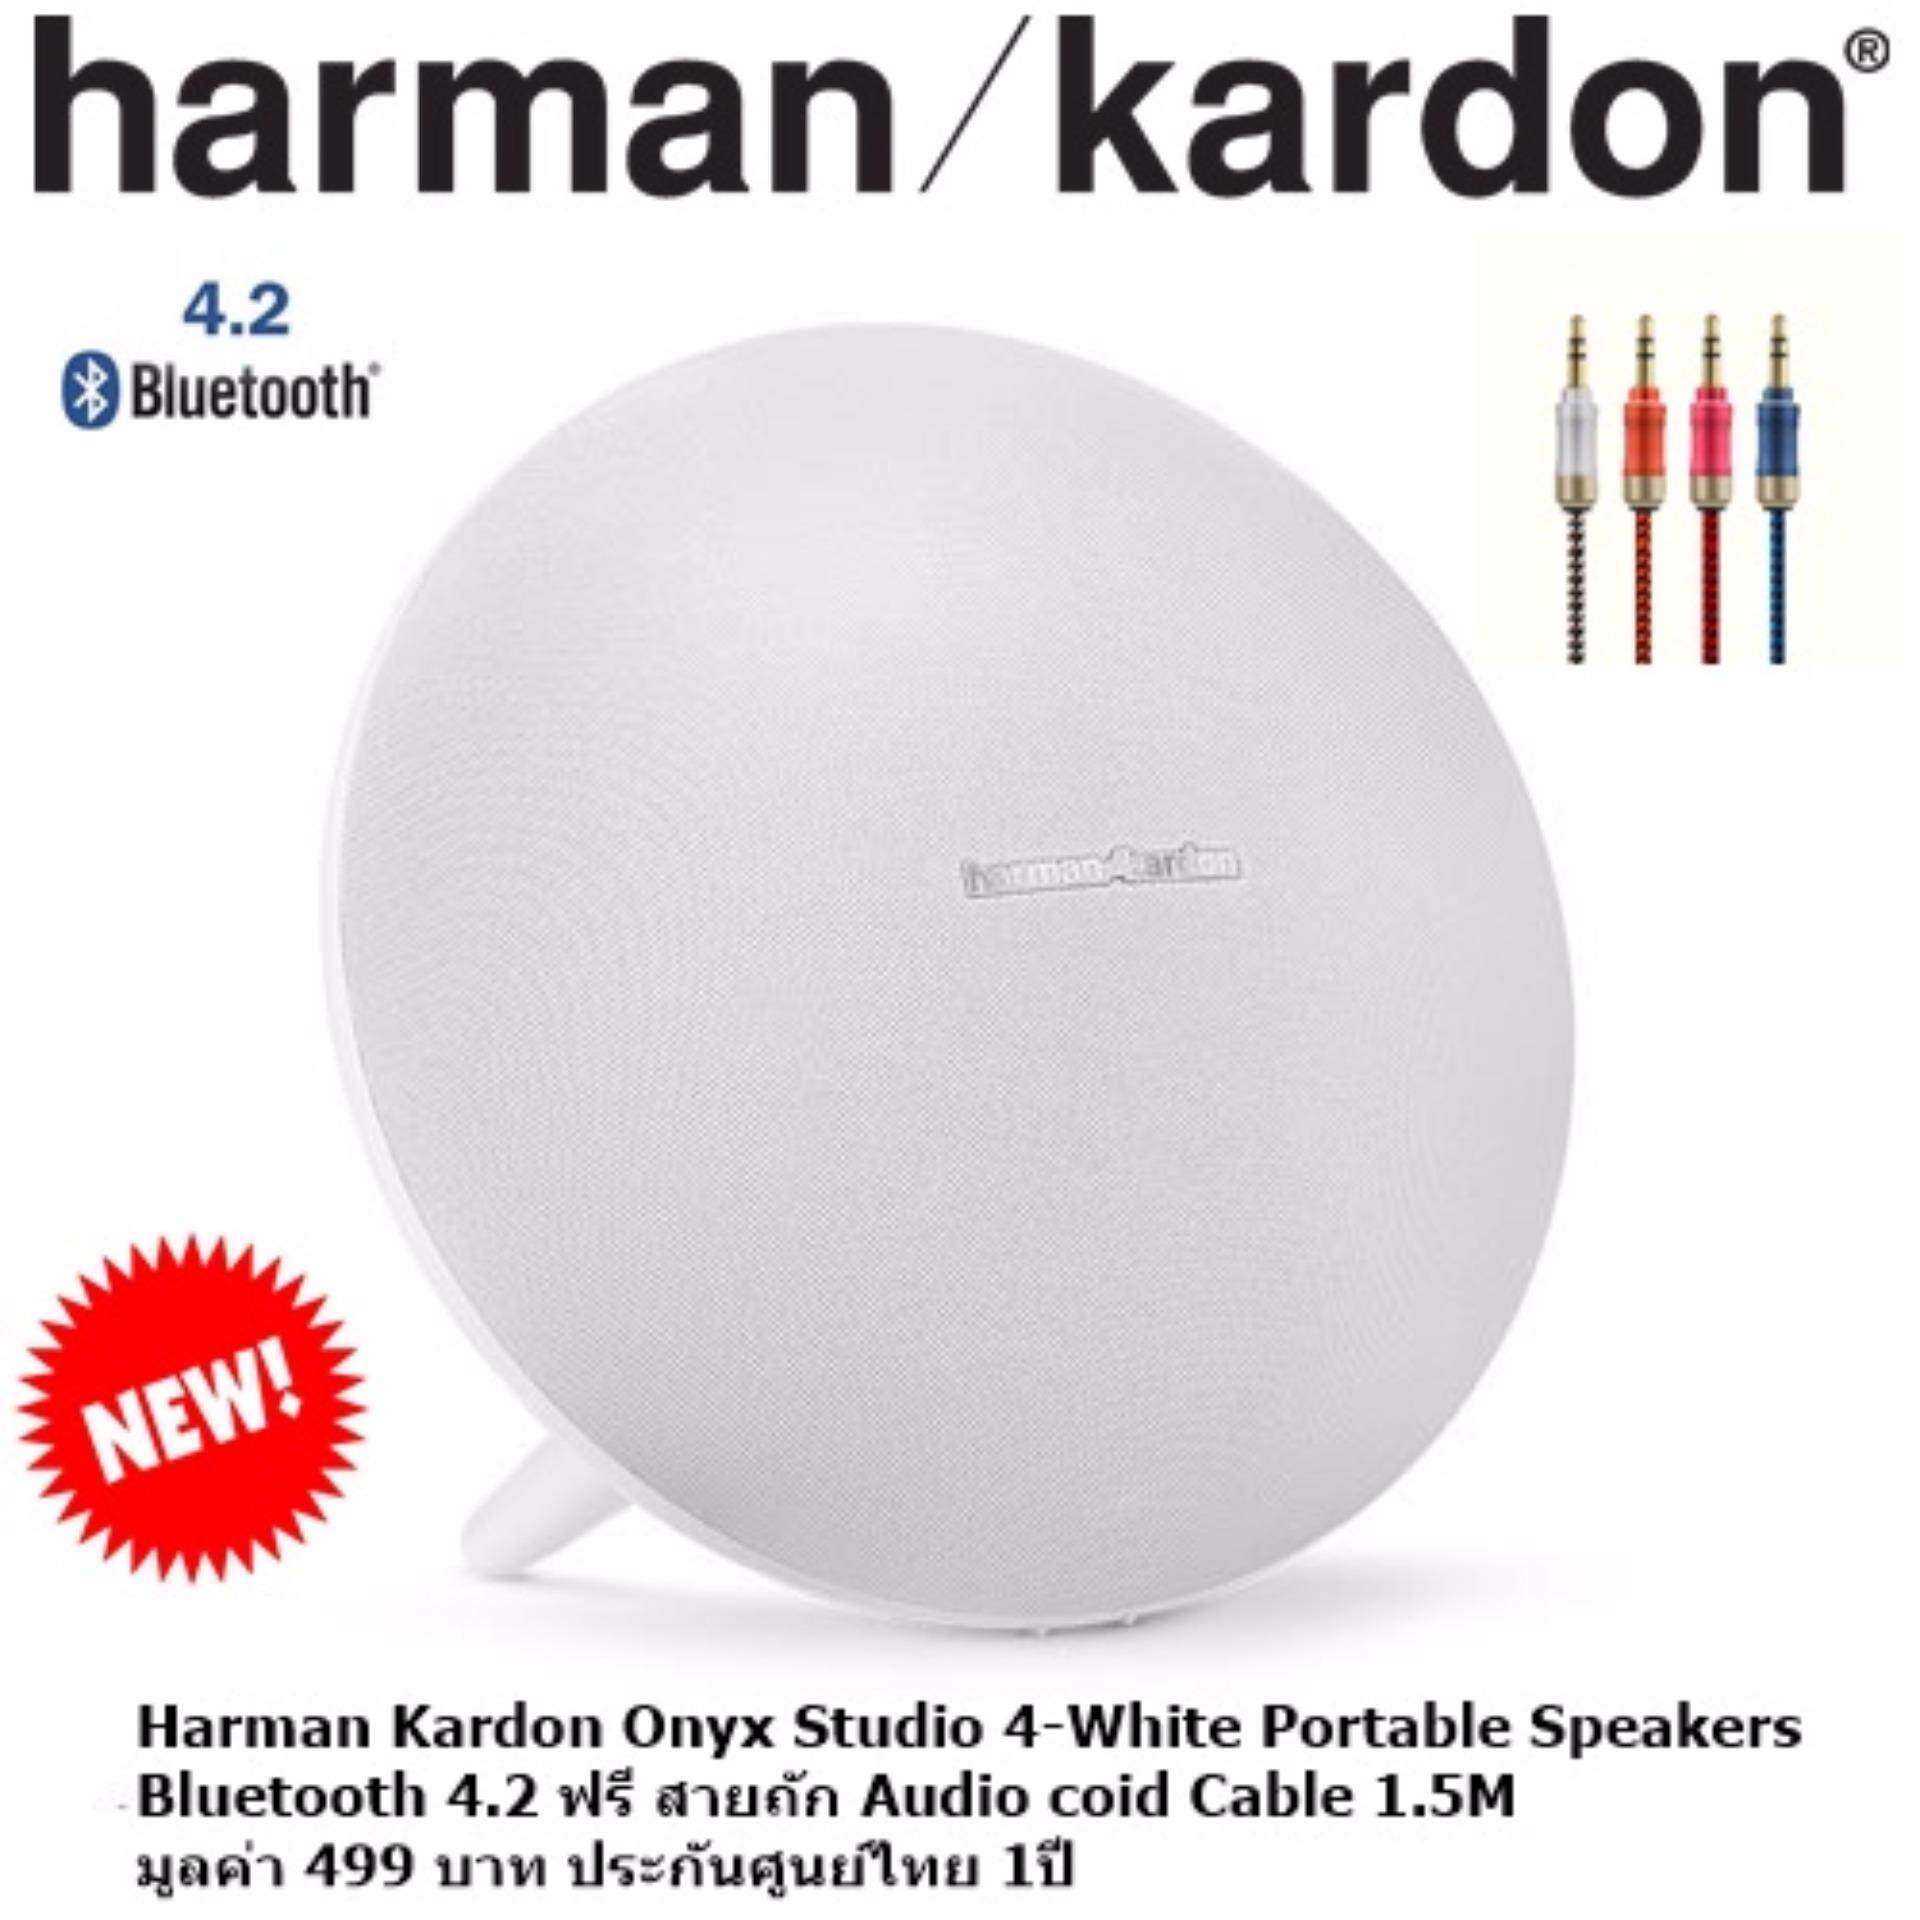 สอนใช้งาน  นครปฐม Harman Kardon Onyx Studio 4 Portable Speakers ฟรี สายถัก Audio Coid Cable 1.5M มูลค่า 499 บาท